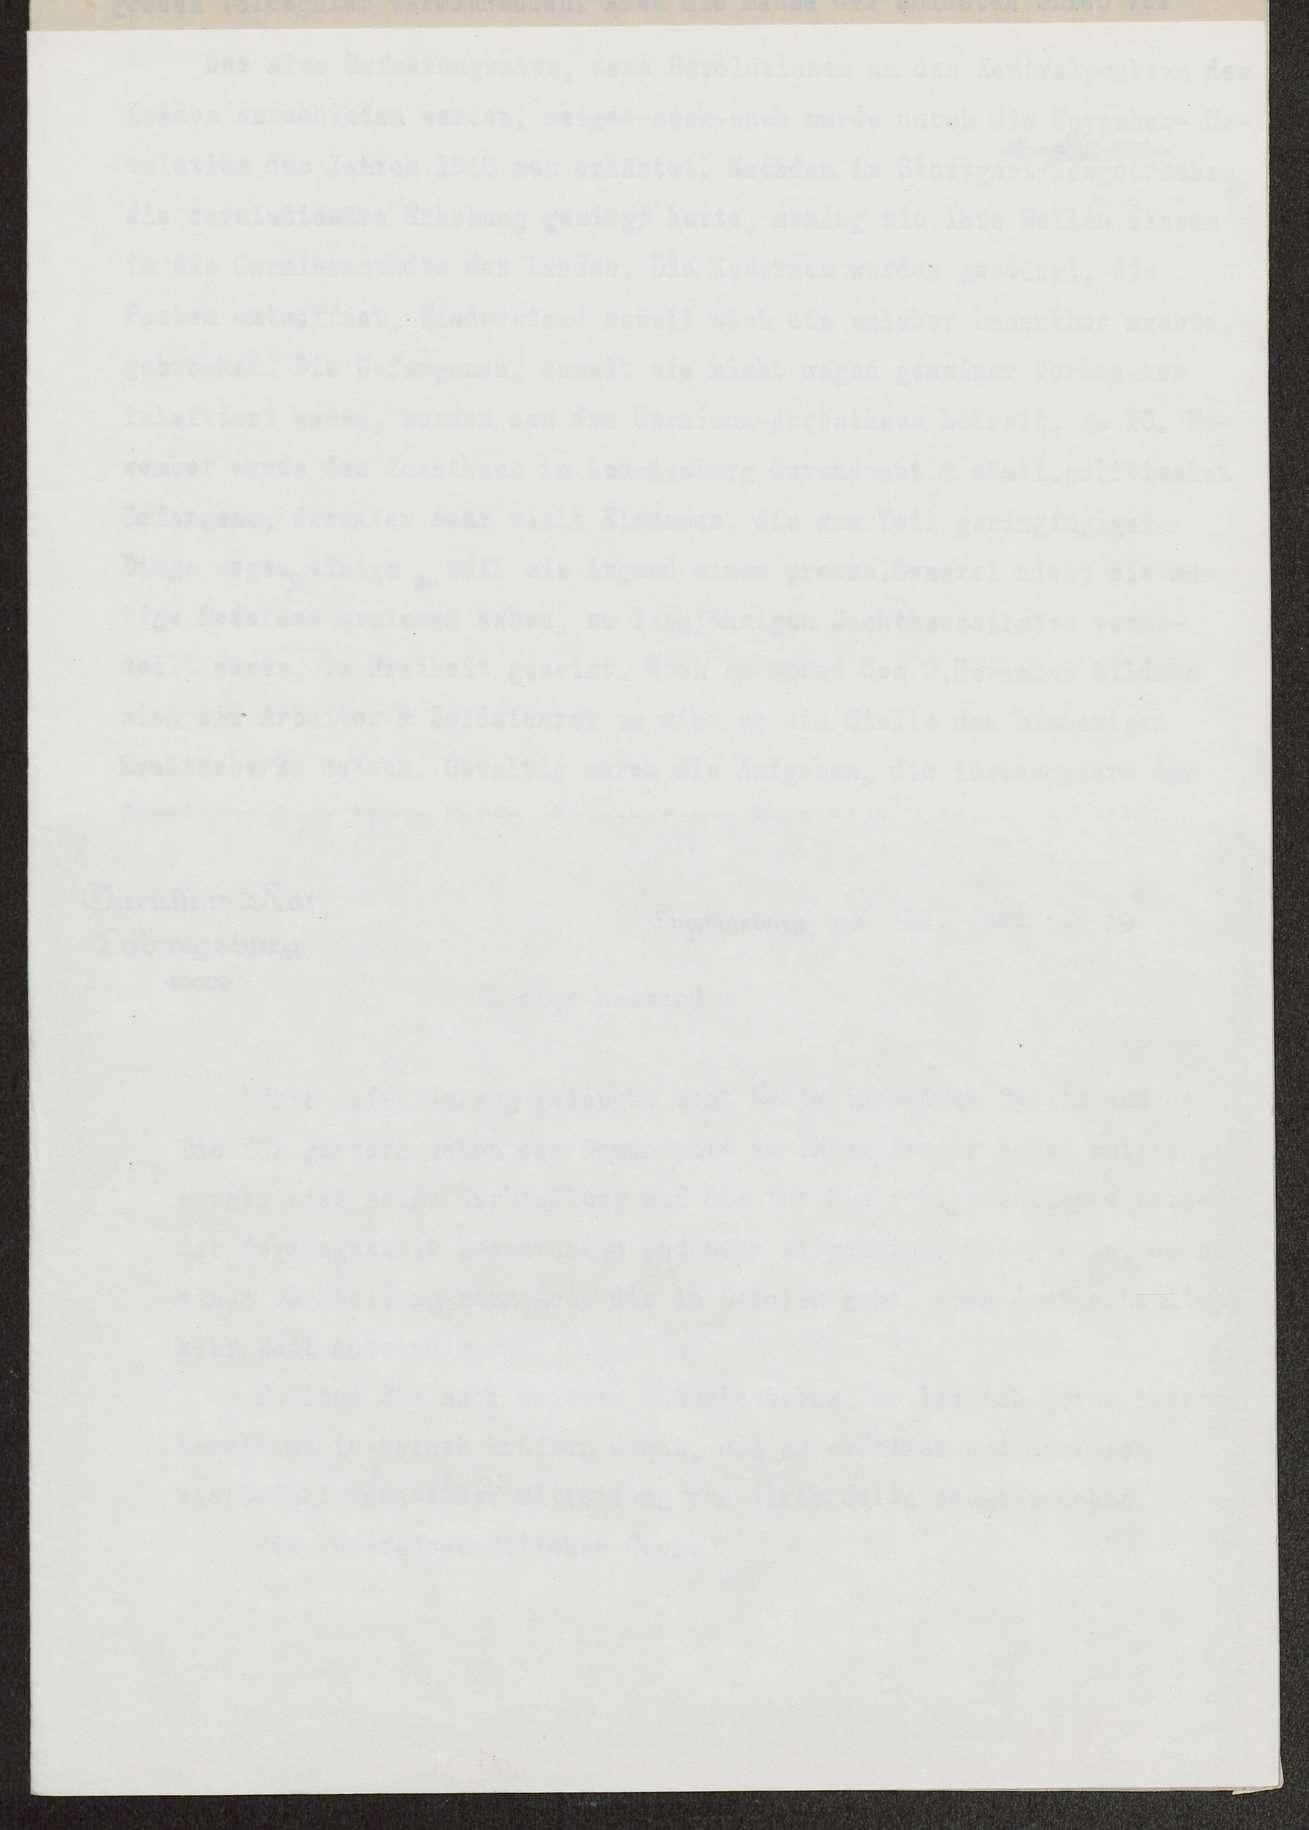 Berichte des Garnisonrats Ludwigsburg über die Revolution und die Arbeit des Garnisonrats, Bild 2